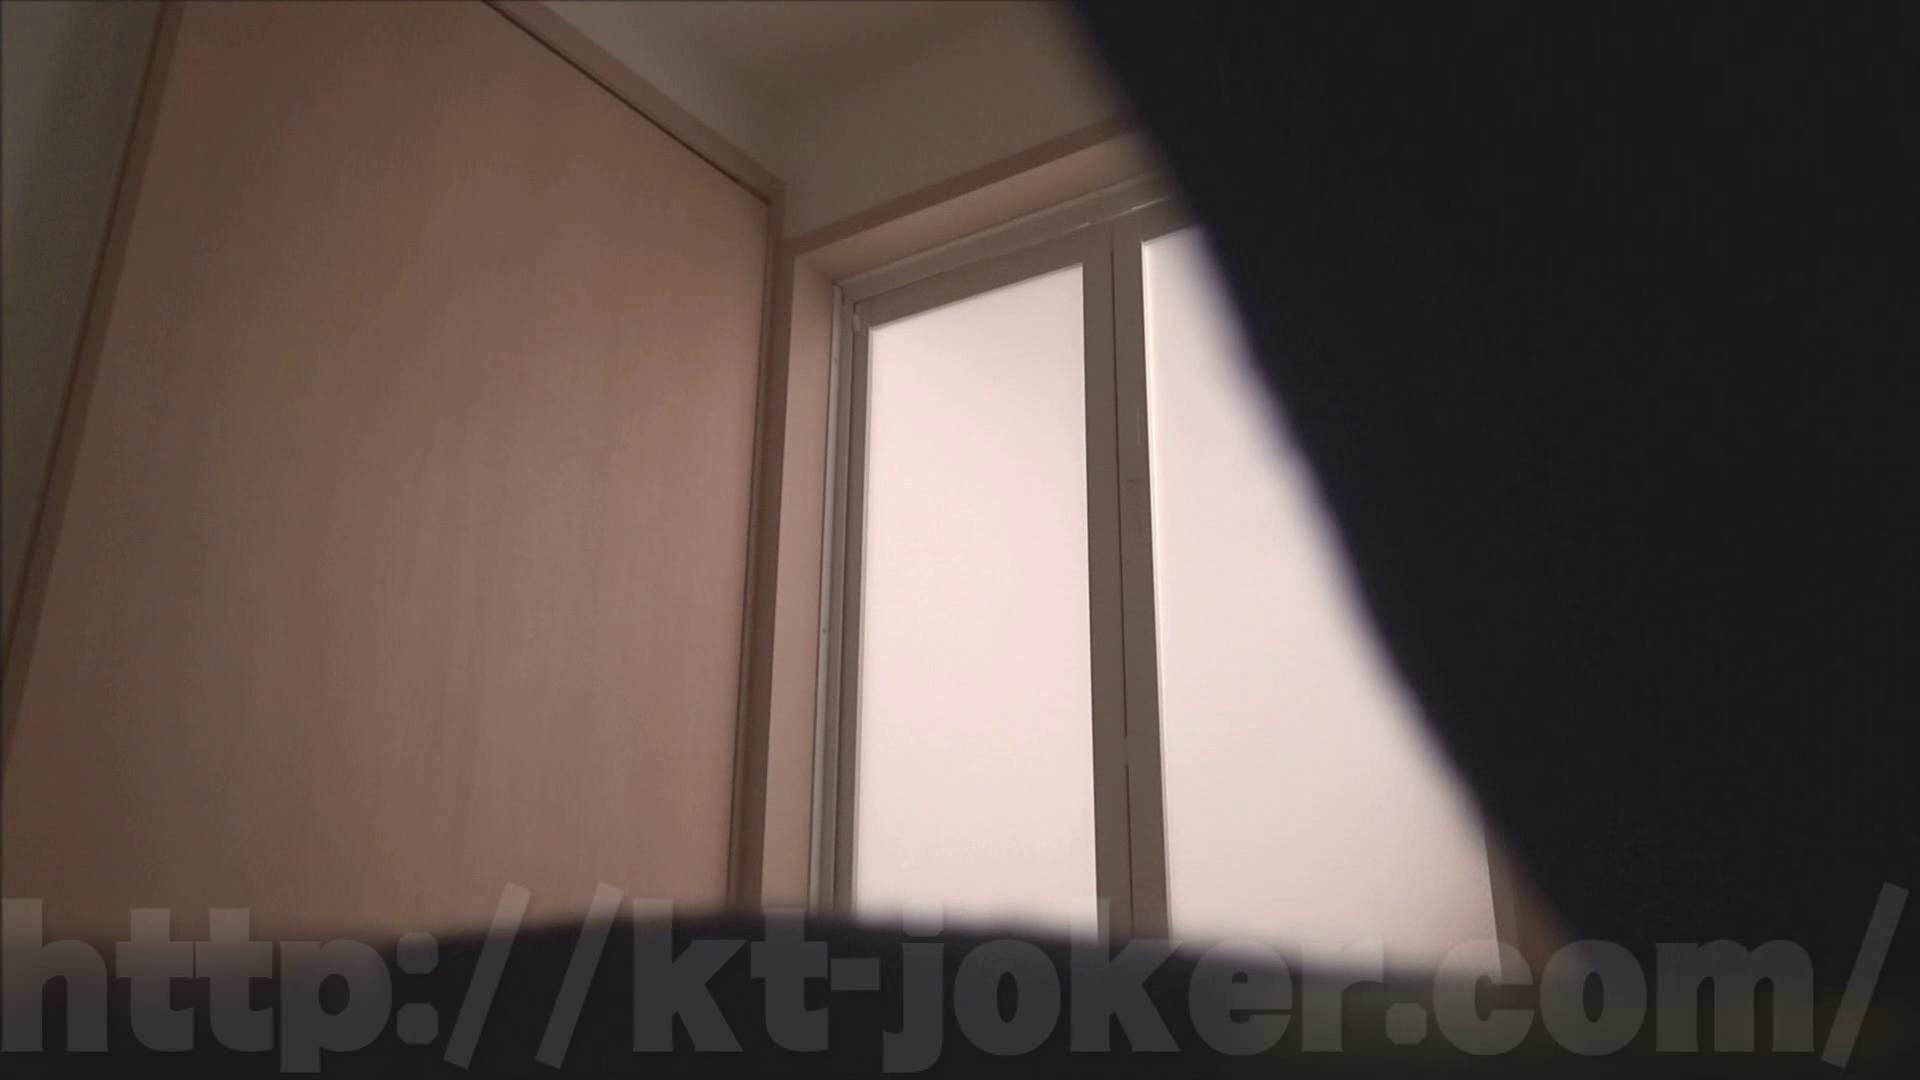 イ・タ・ズ・ラ劇場 Vol.46 キャバ嬢のエロ生活 われめAV動画紹介 108連発 53